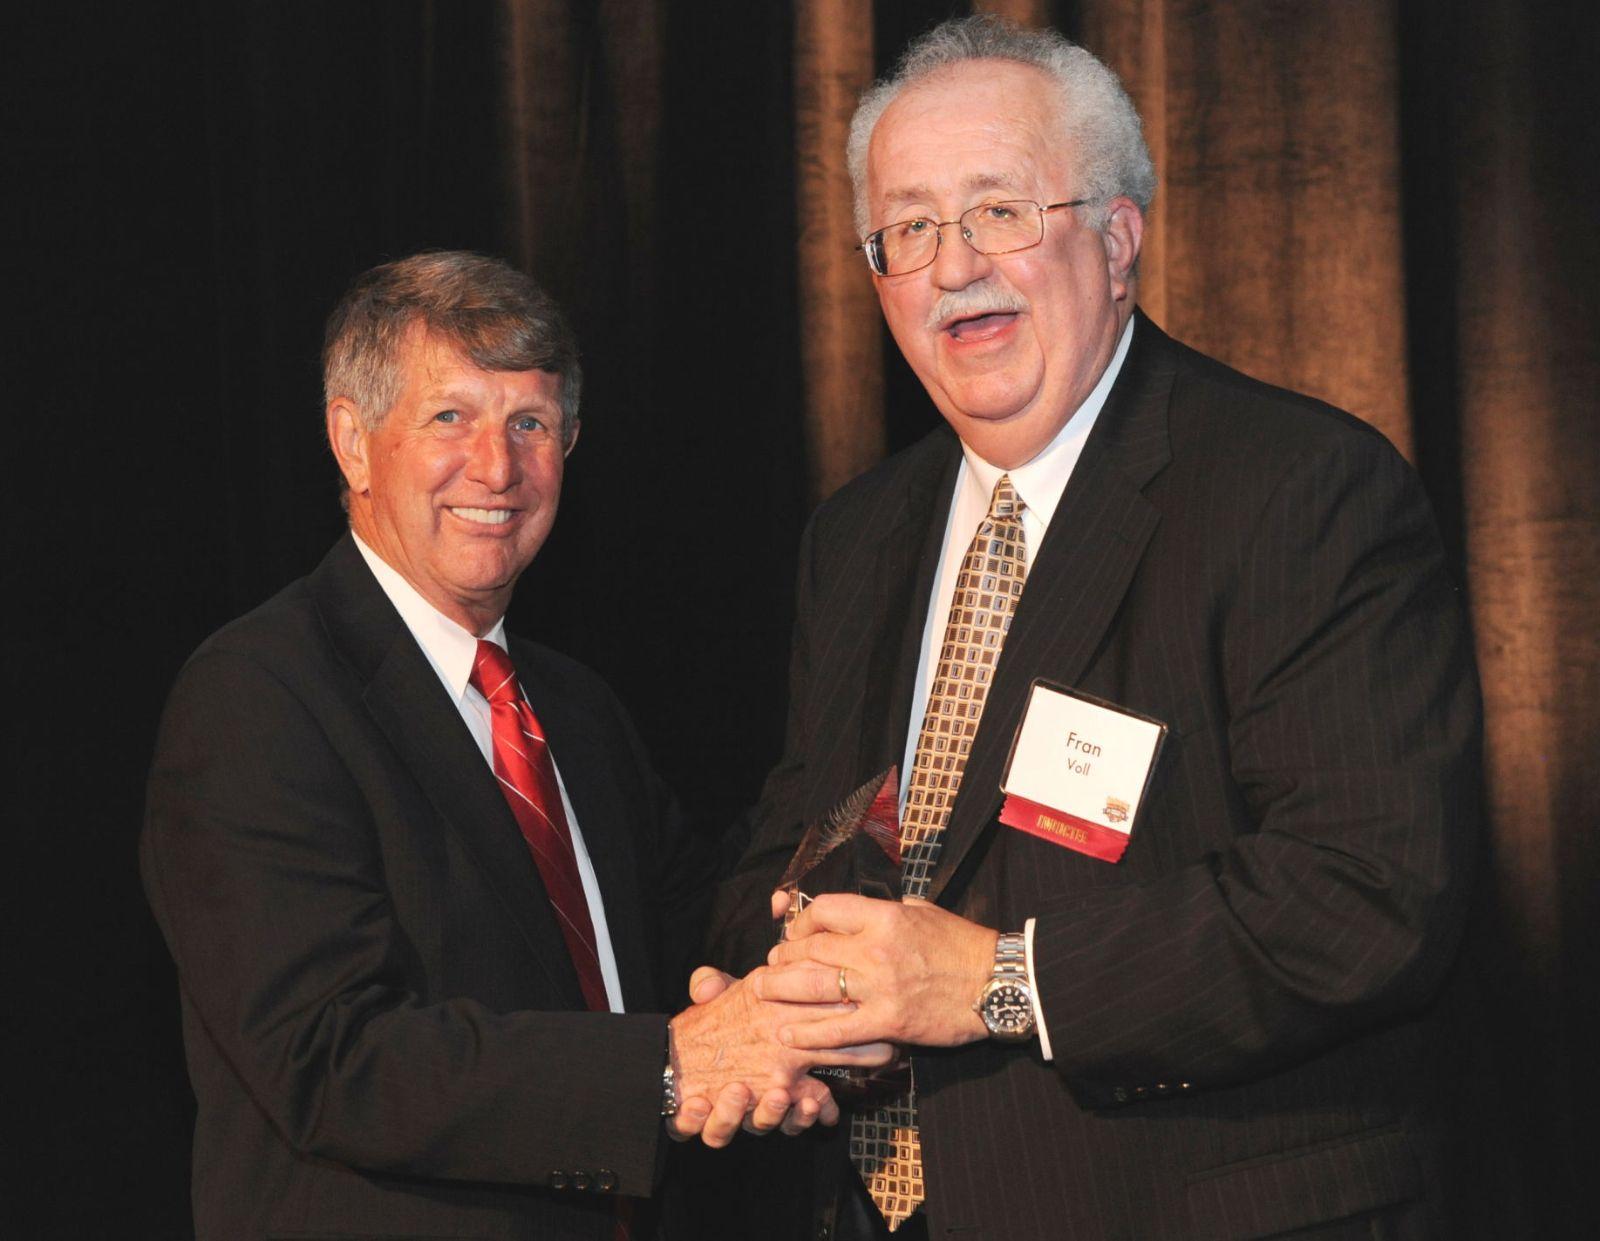 Fran Voll with Award